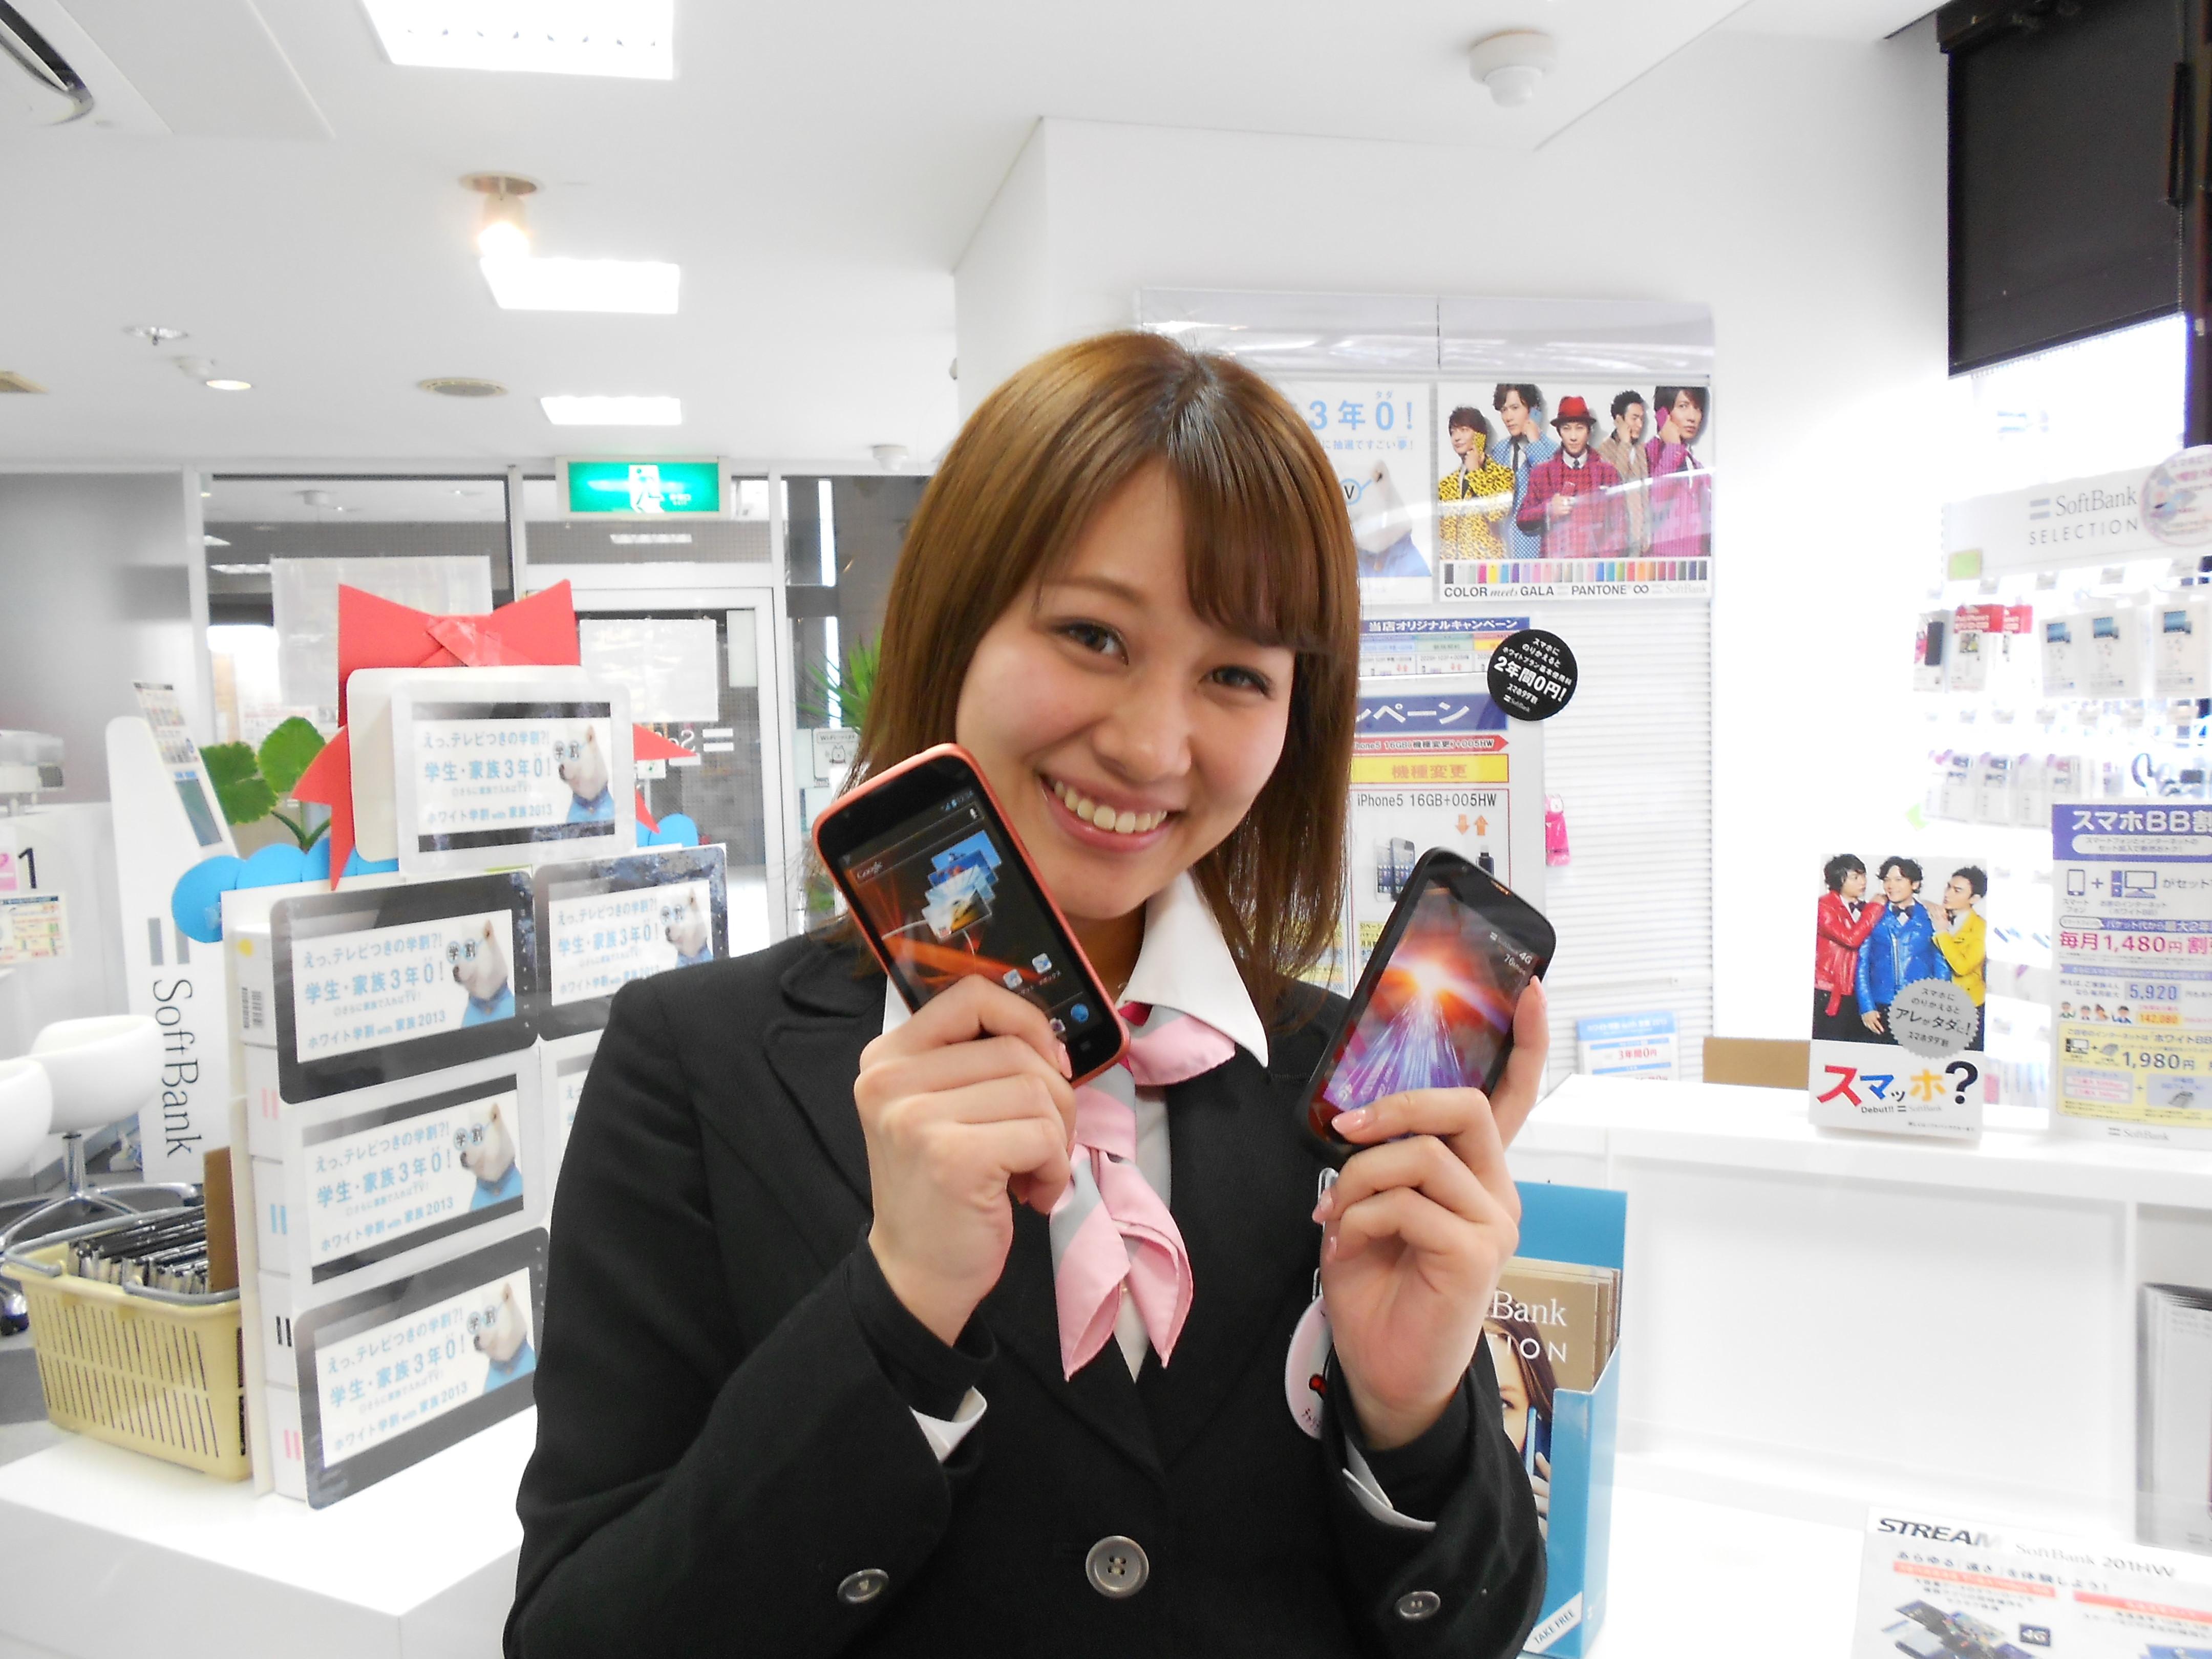 ワイモバイル 東武練馬(株式会社シエロ)のアルバイト情報